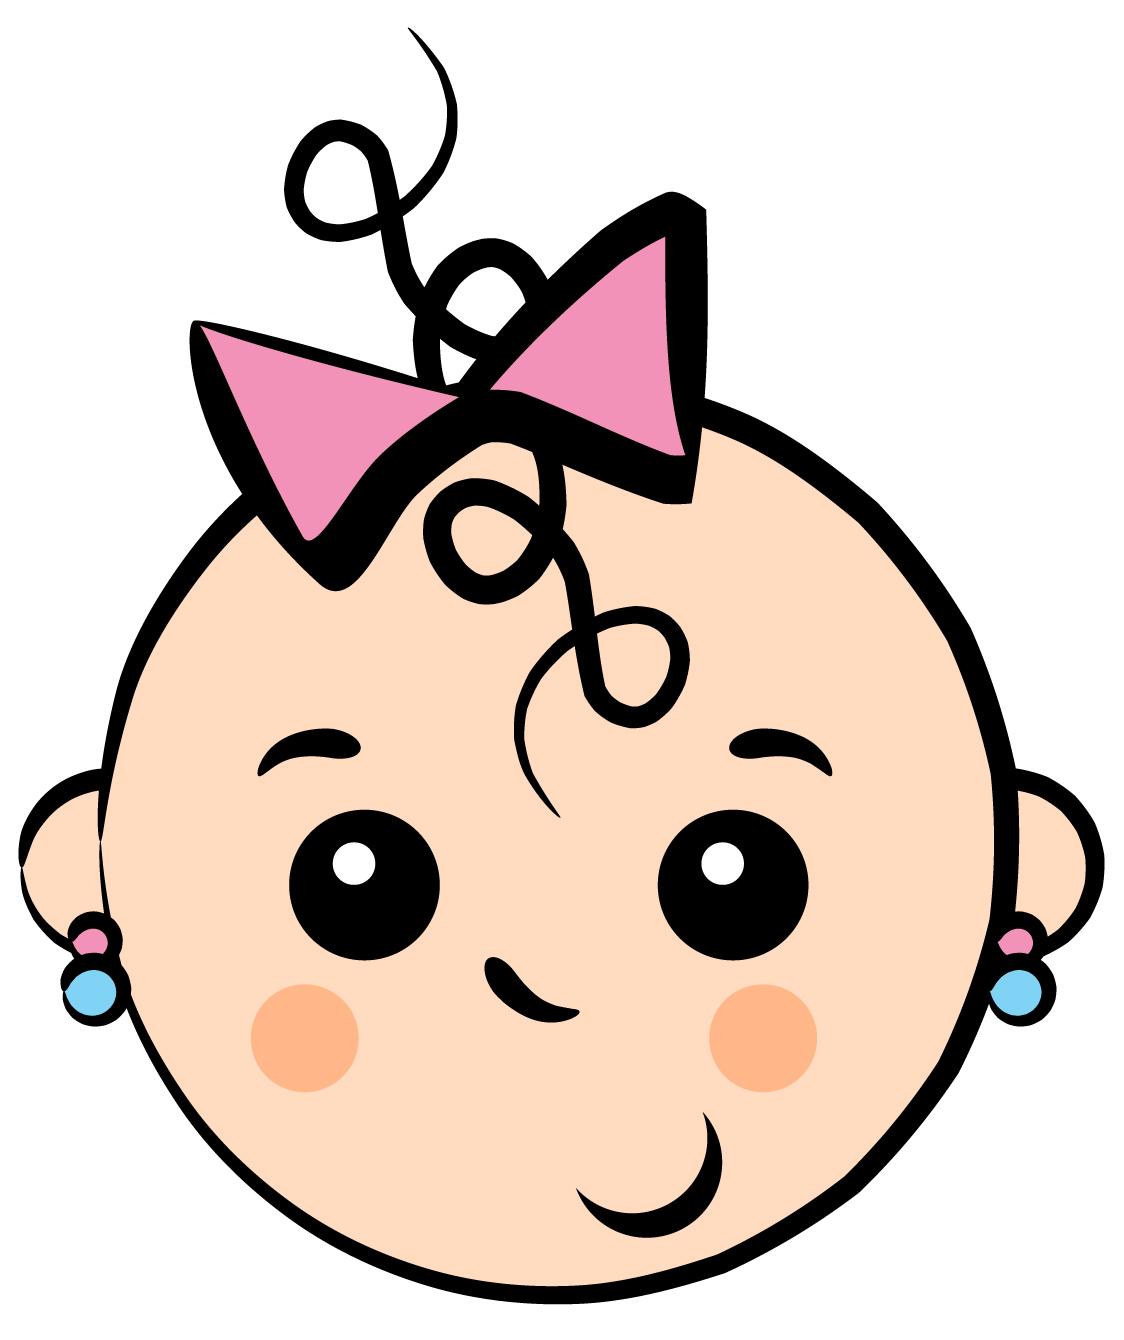 1124x1340 Free Newborn Baby Girl Clipart